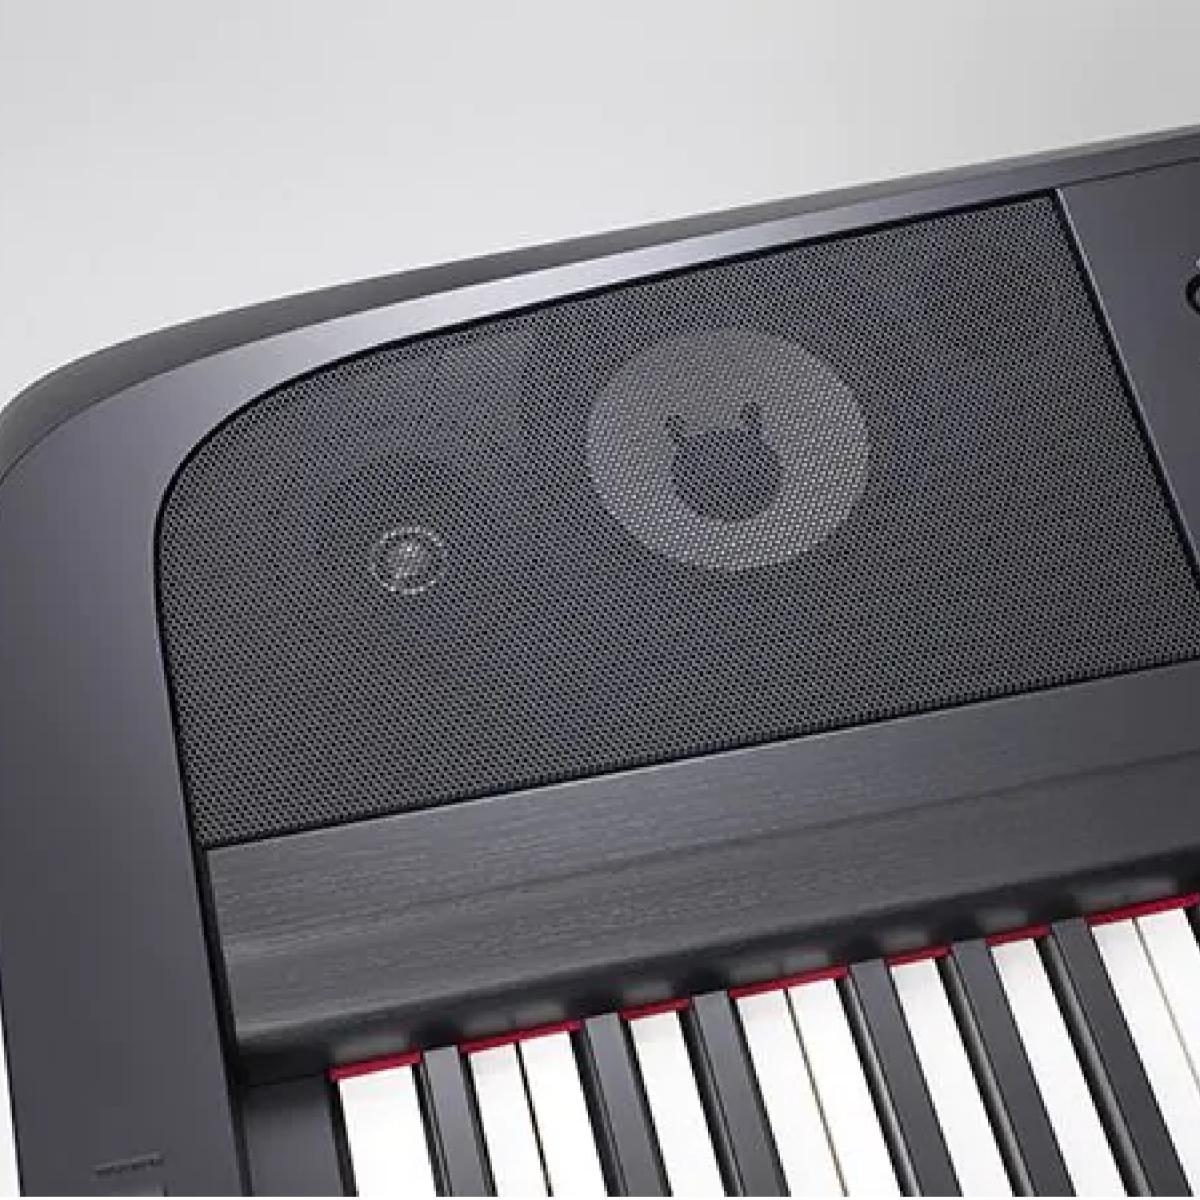 Yamaha DGX670B speaker